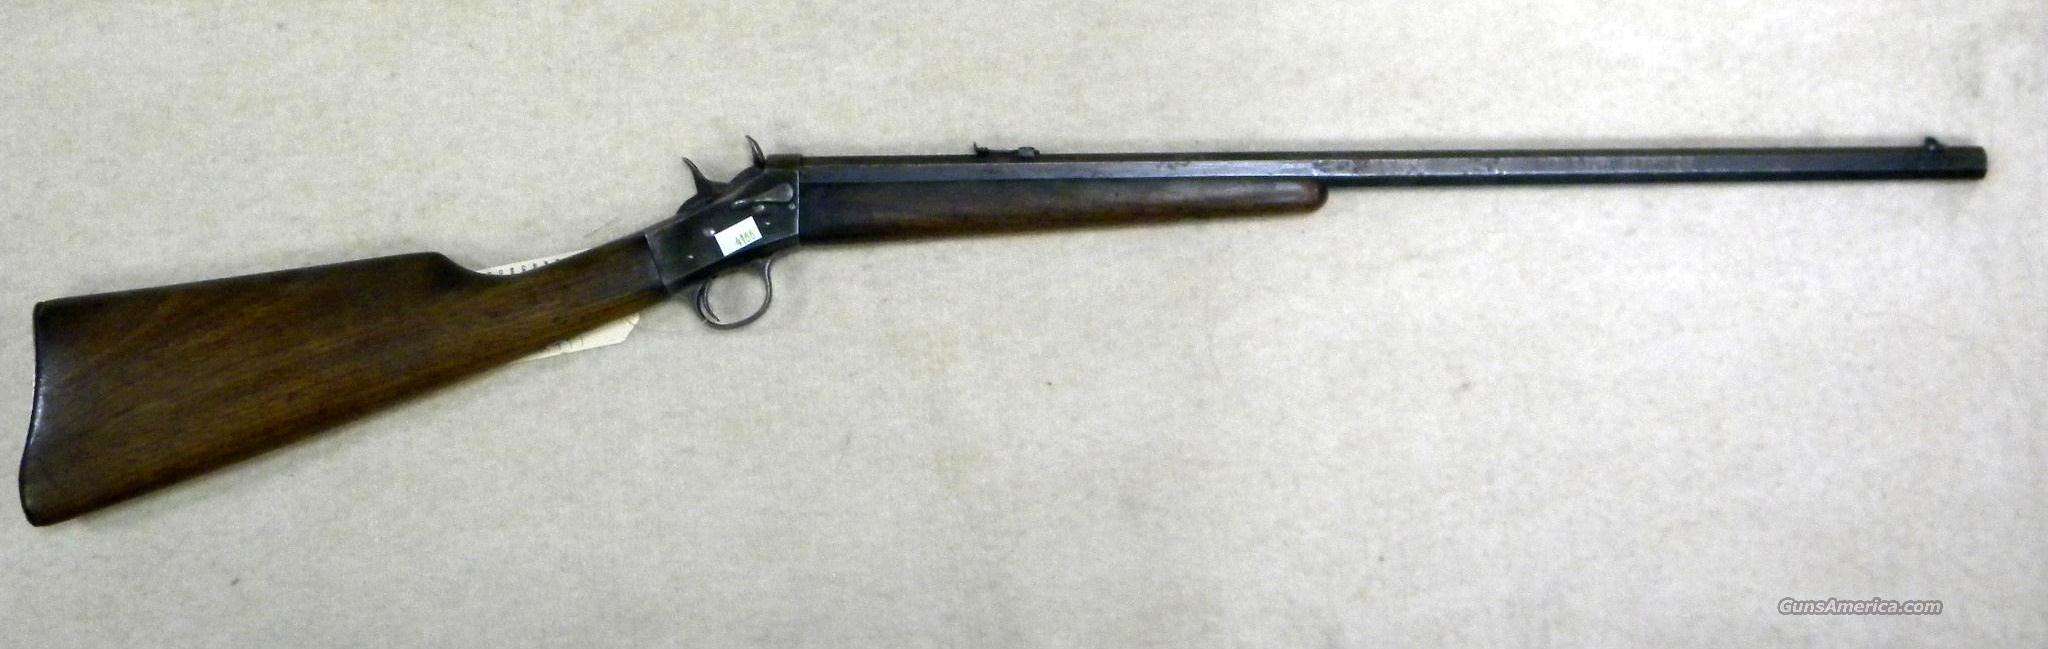 Remington No. 4 Take-Down, Rolling Block .32 Rim-Fire Single-Shot Rifle  Guns > Rifles > Remington Rifles - Modern > Other